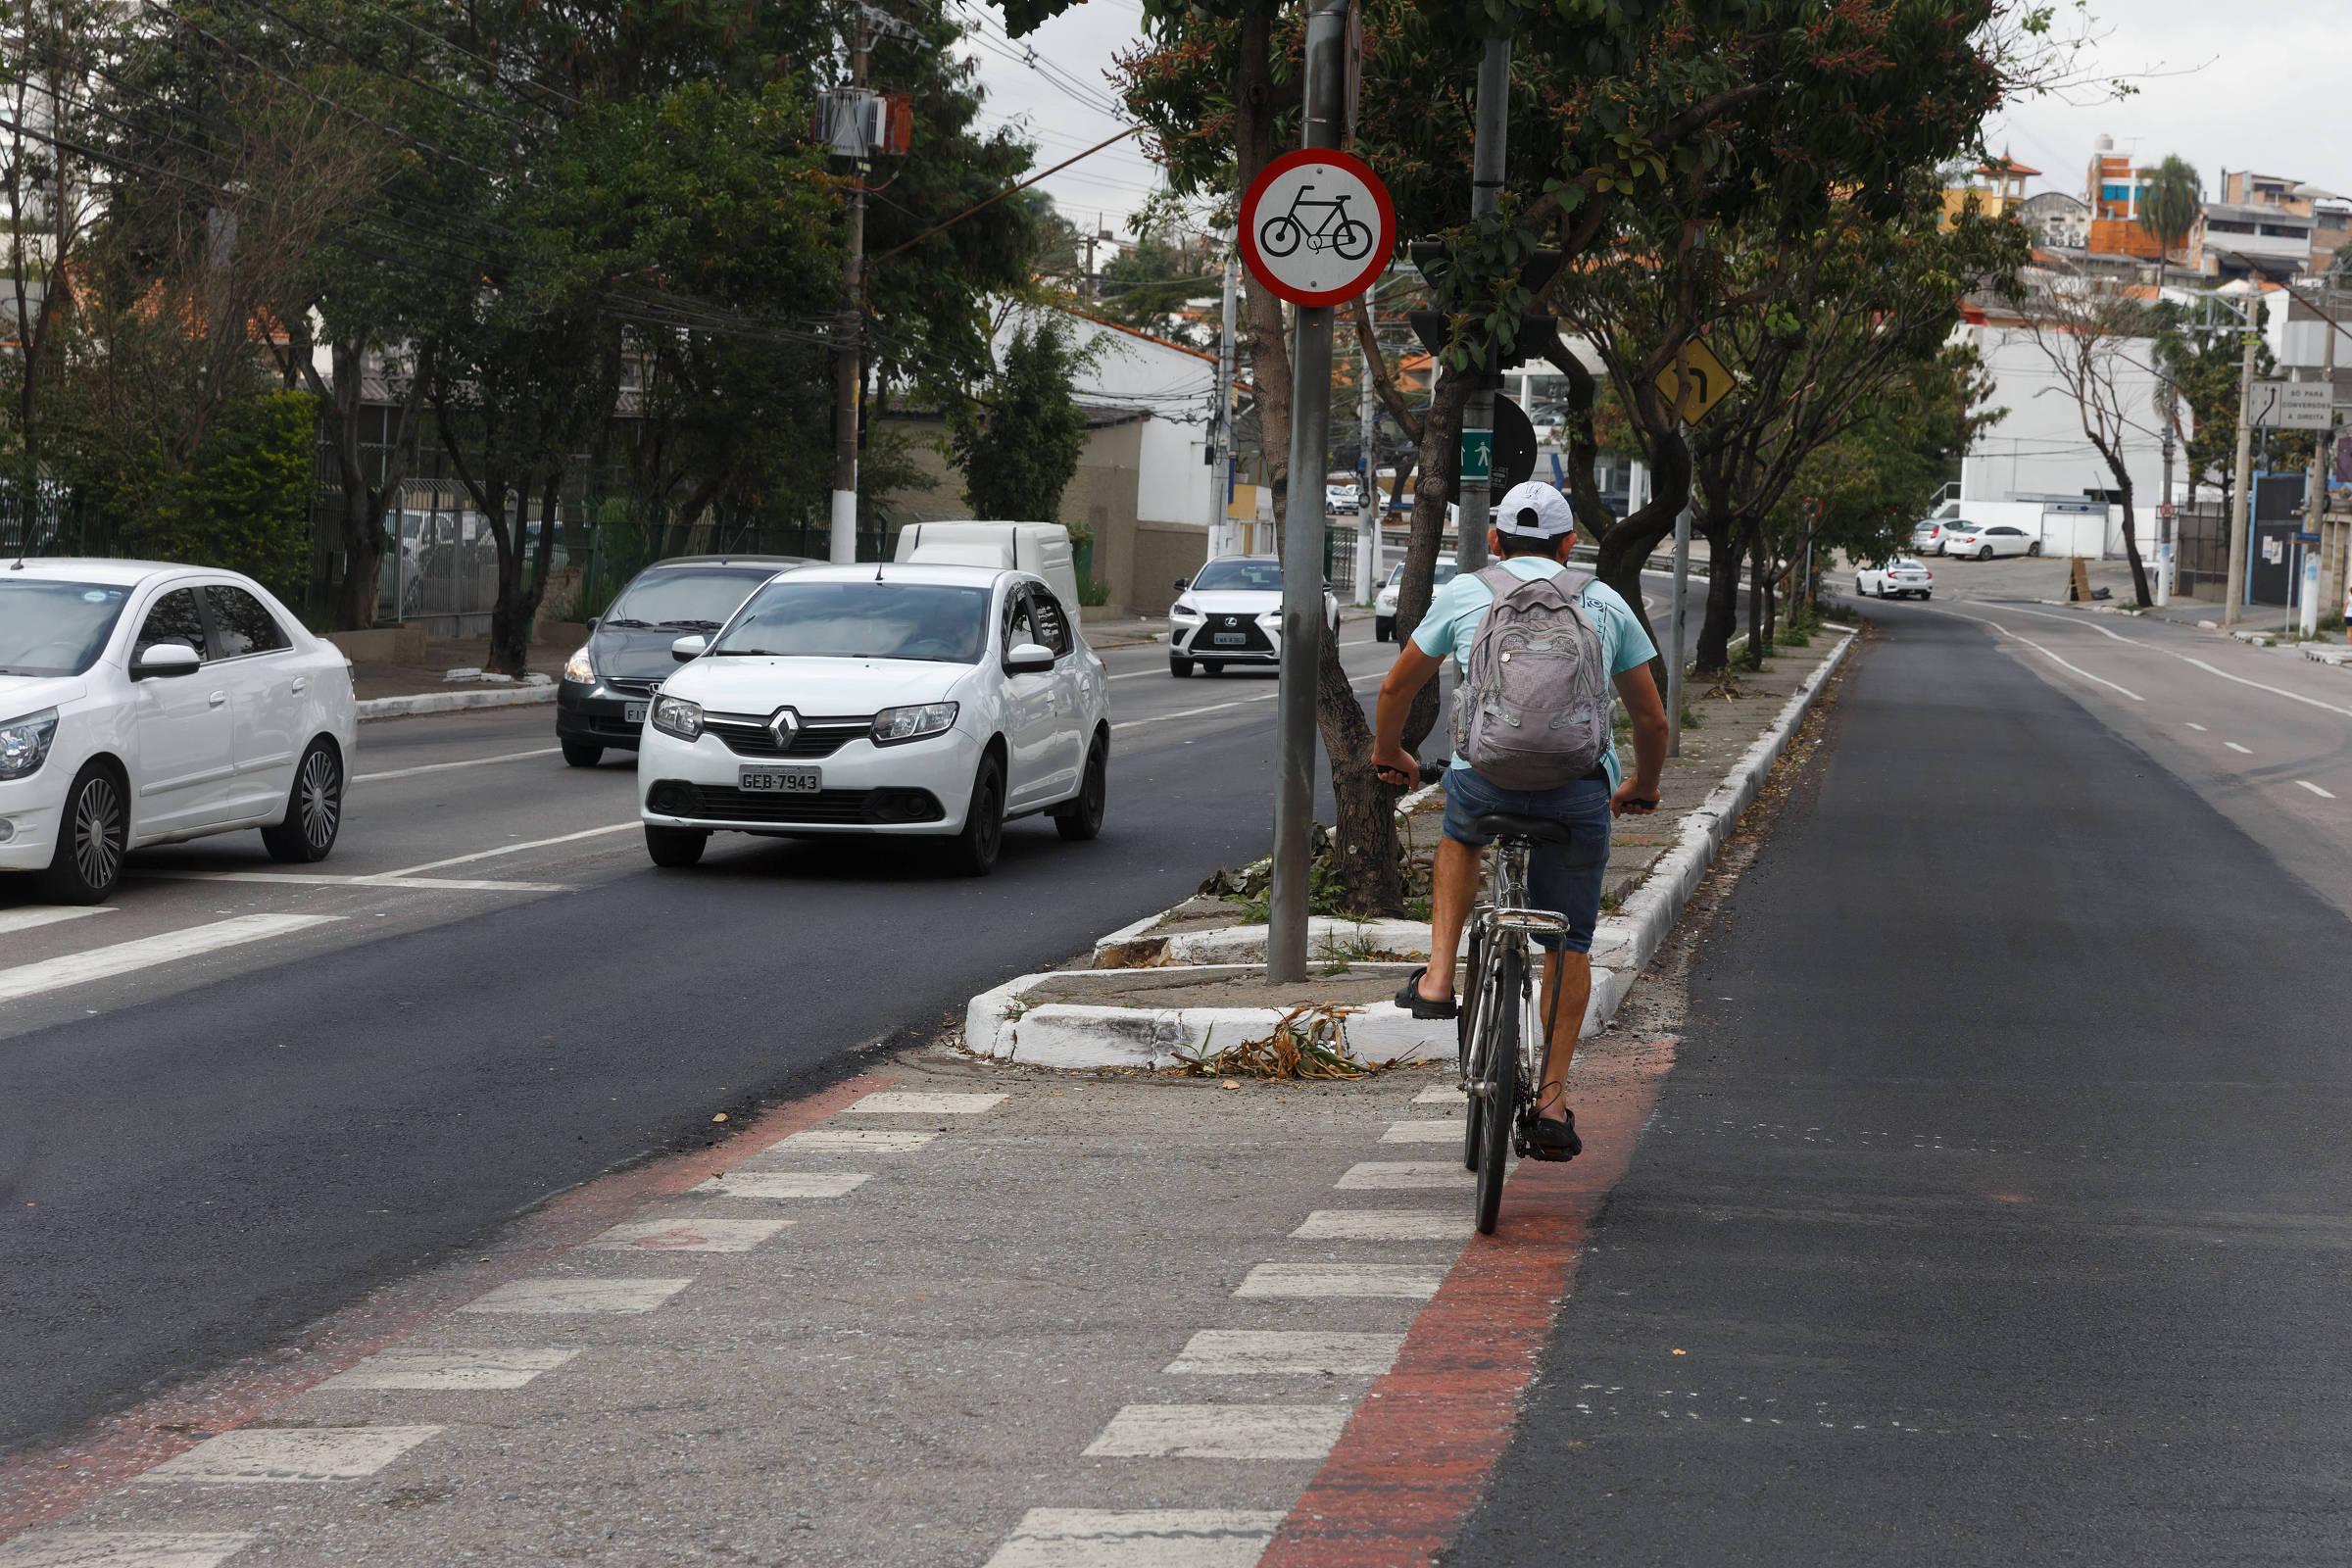 Gestão Covas consulta só vereadores aliados sobre quais ciclovias eliminar em SP